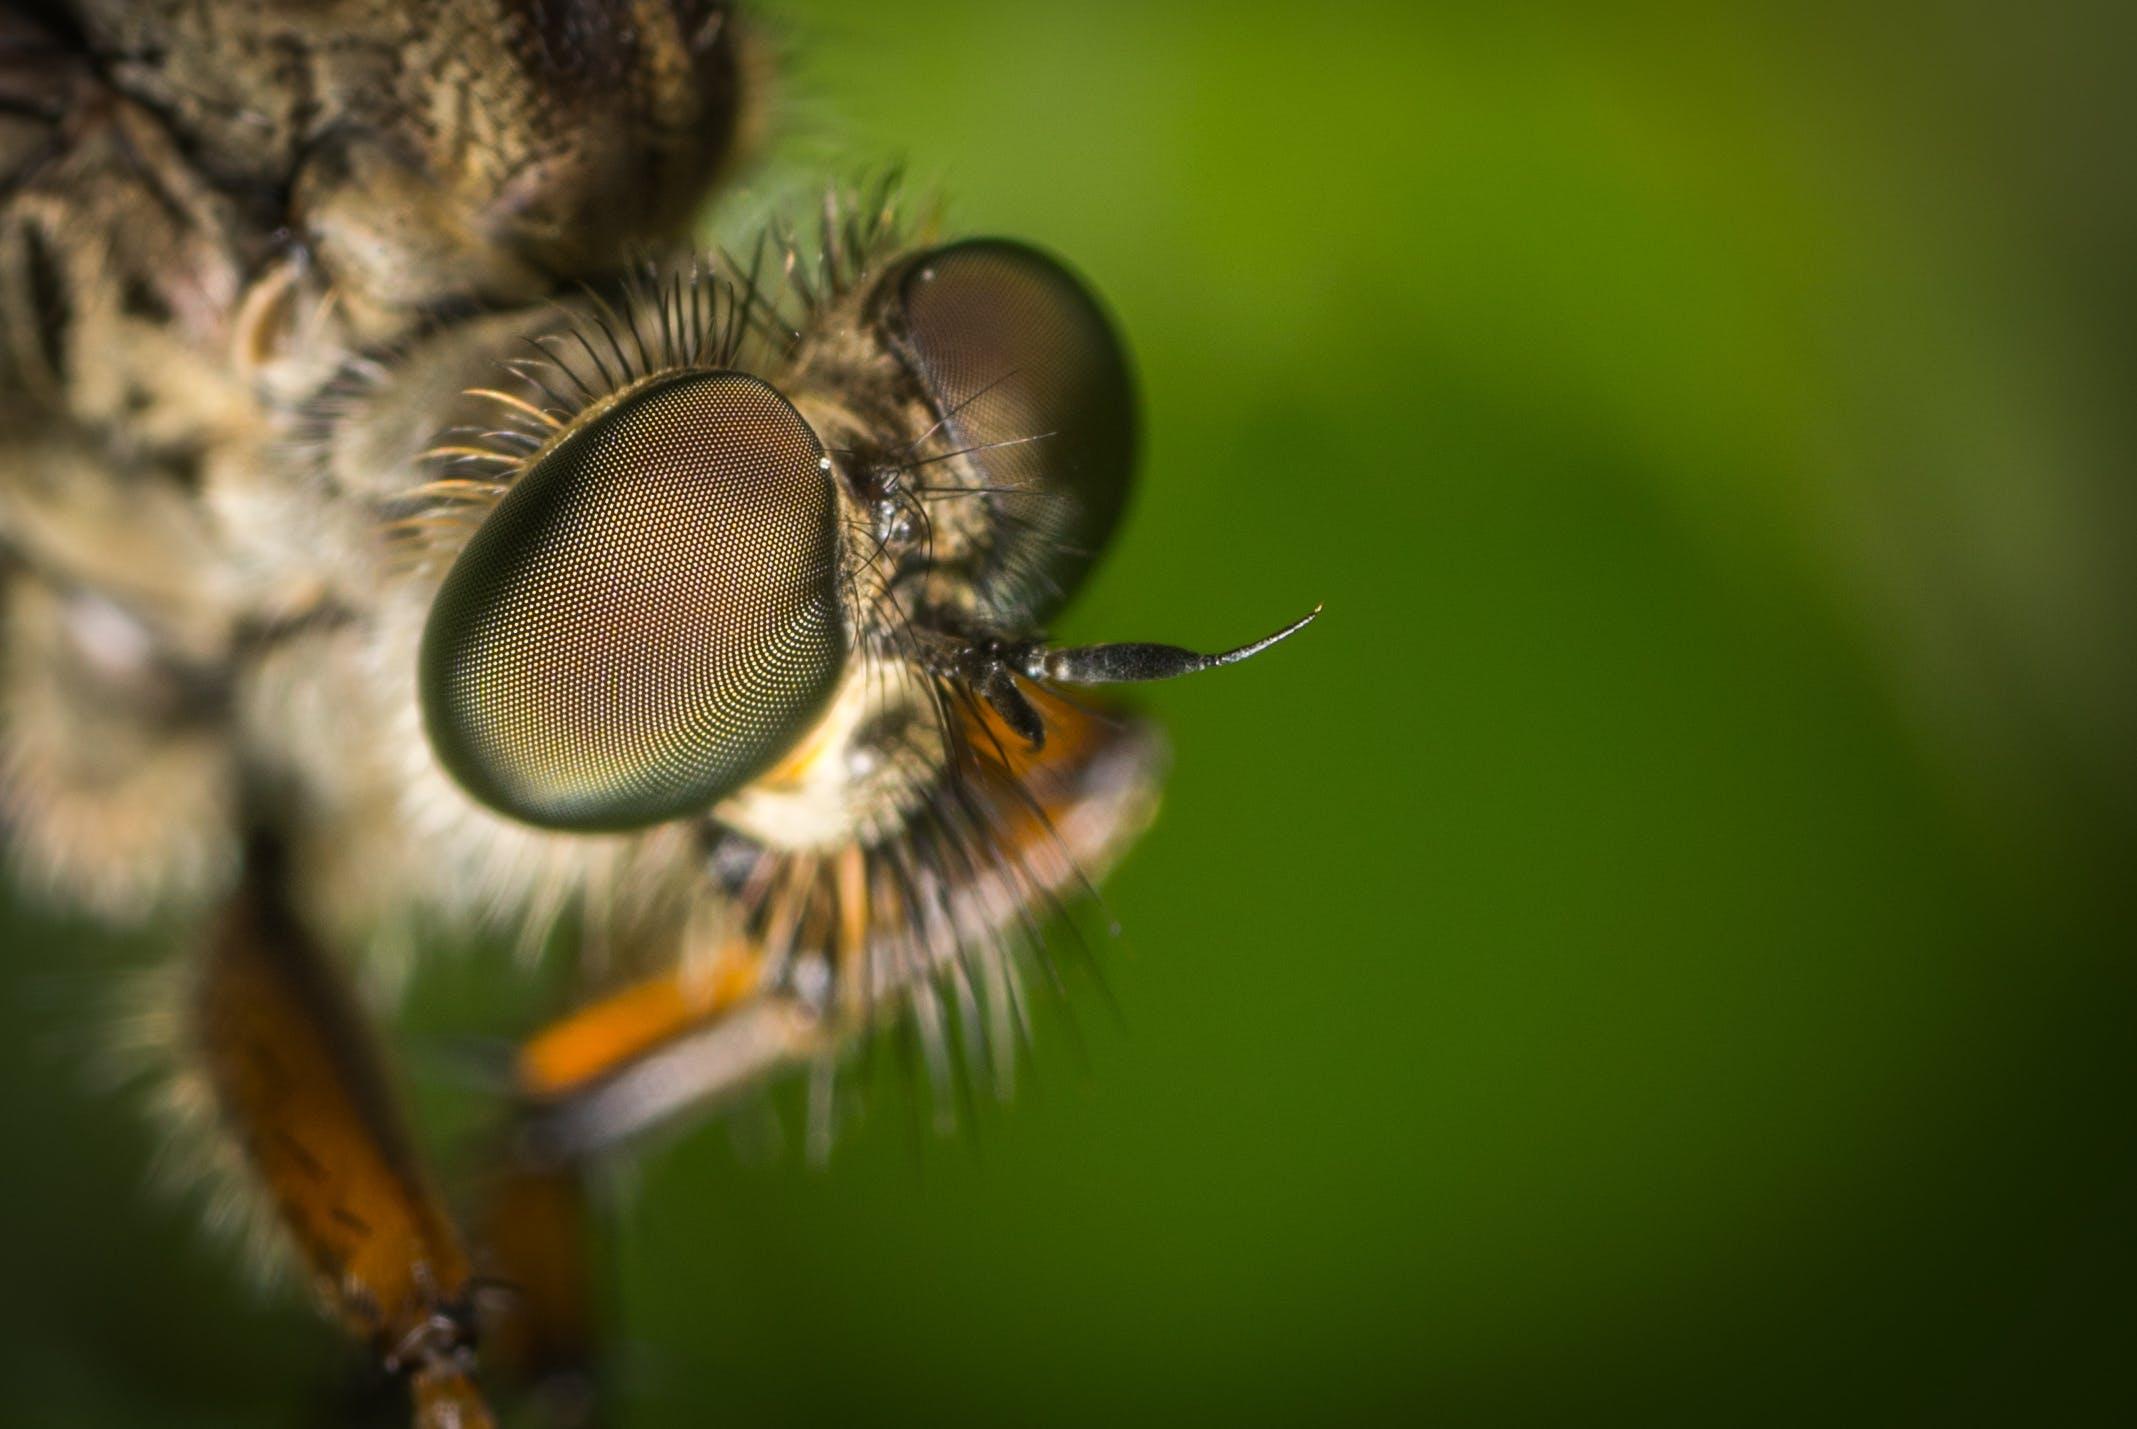 böcek, gözler, kıllı, küçük içeren Ücretsiz stok fotoğraf